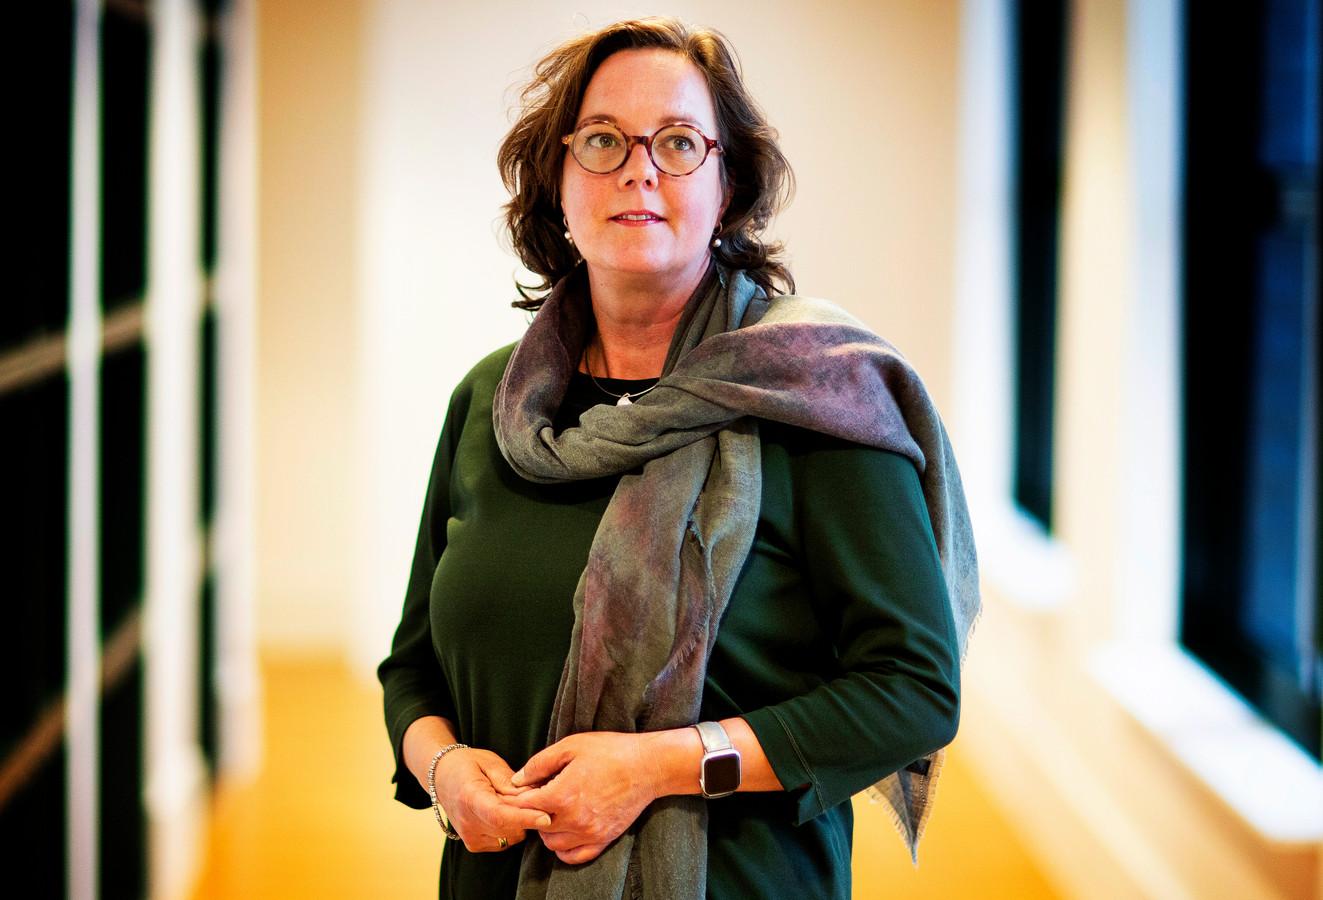 Minster voor Medische Zorg Tamara van Ark (VVD).